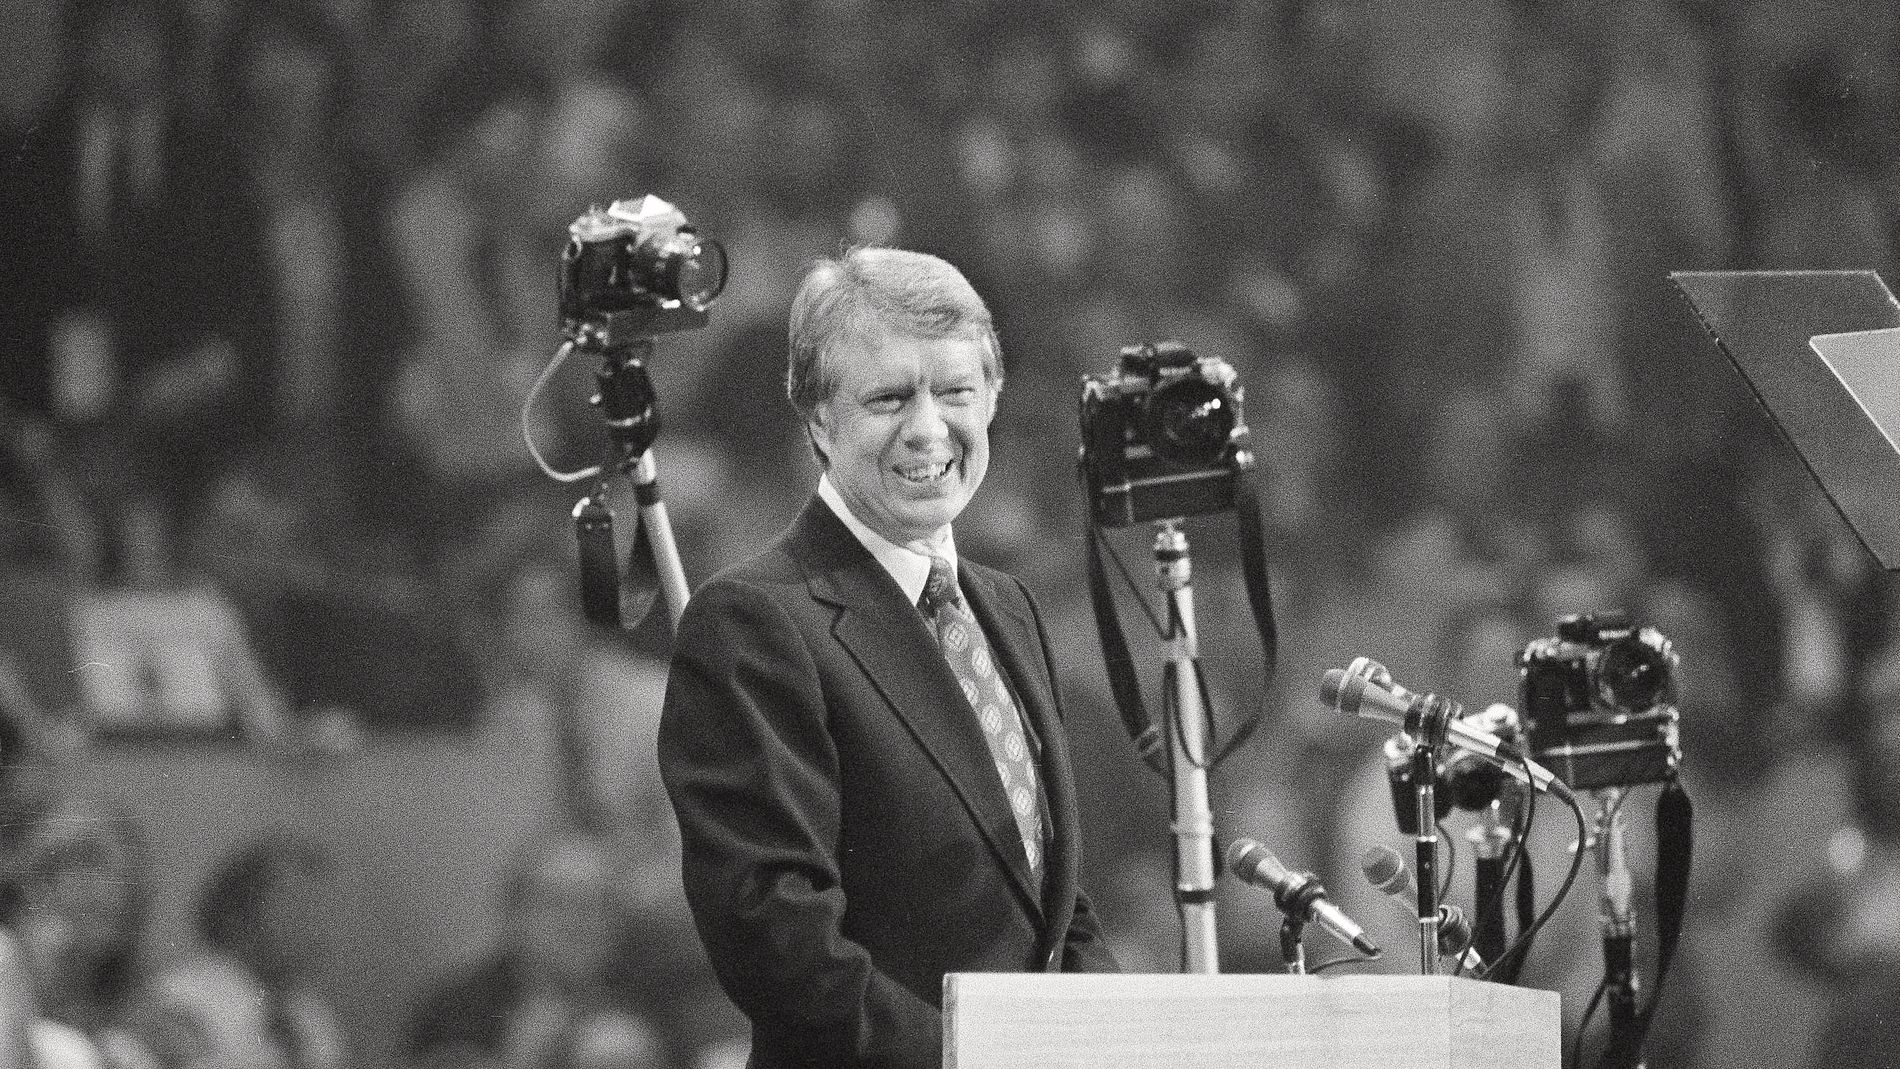 FIKK FIRE ÅR: Jimmy Carter satt kun én periode som president, fra 1977 til 1981.